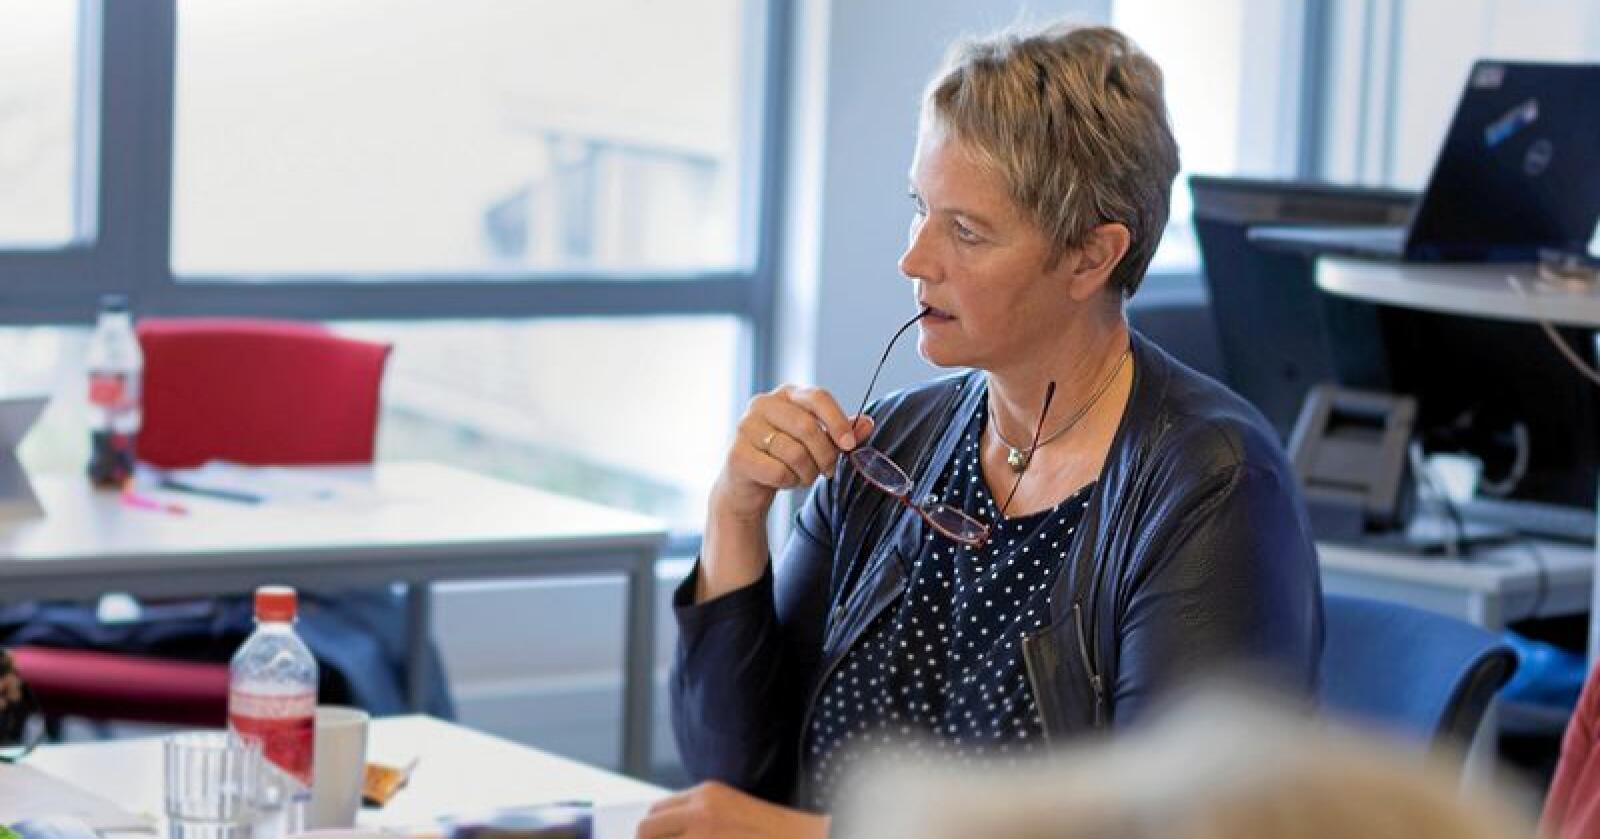 Hanne Solheim Hansen, rektor Nord universitet. Foto: Svein-Arnt Eriksen